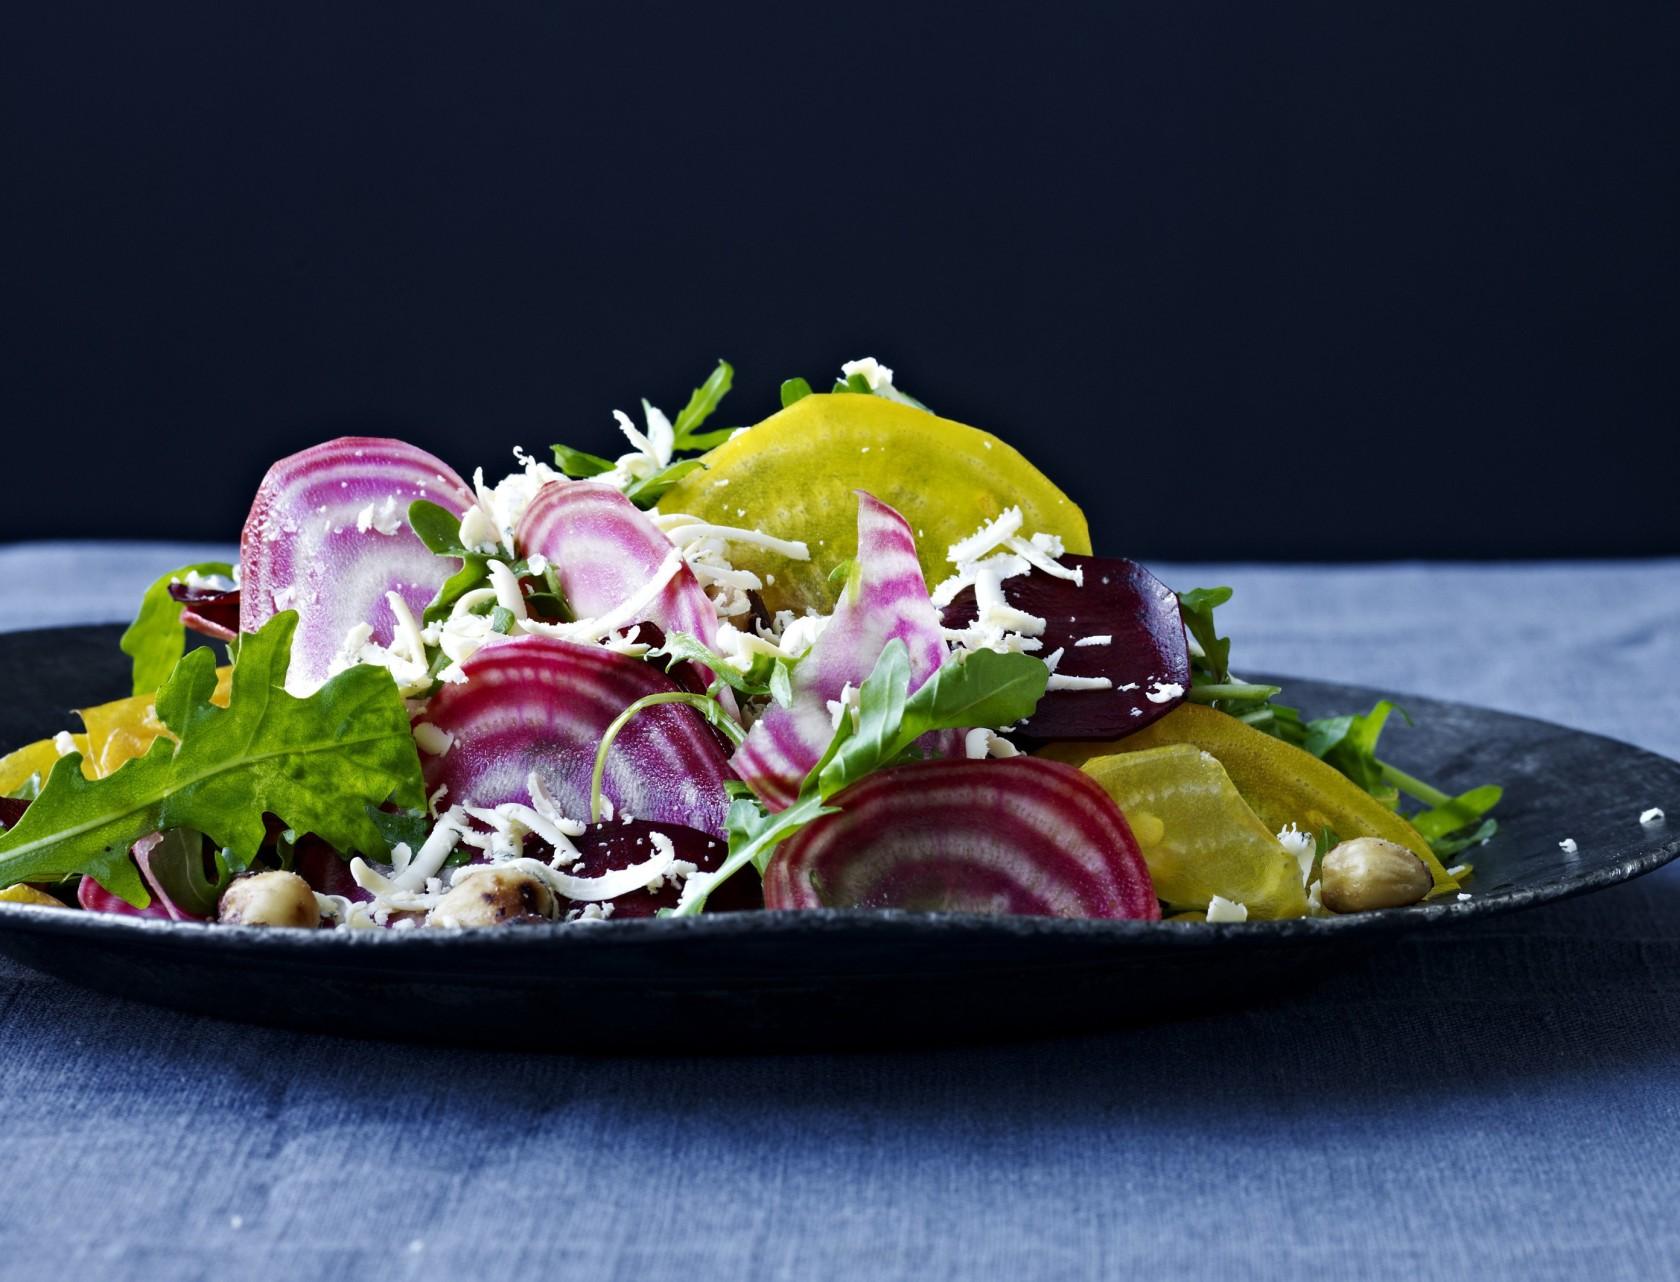 Rødbedecarpaccio med hasselnødder og blå ost - perfekt opskrift på forret eller tilbehør.